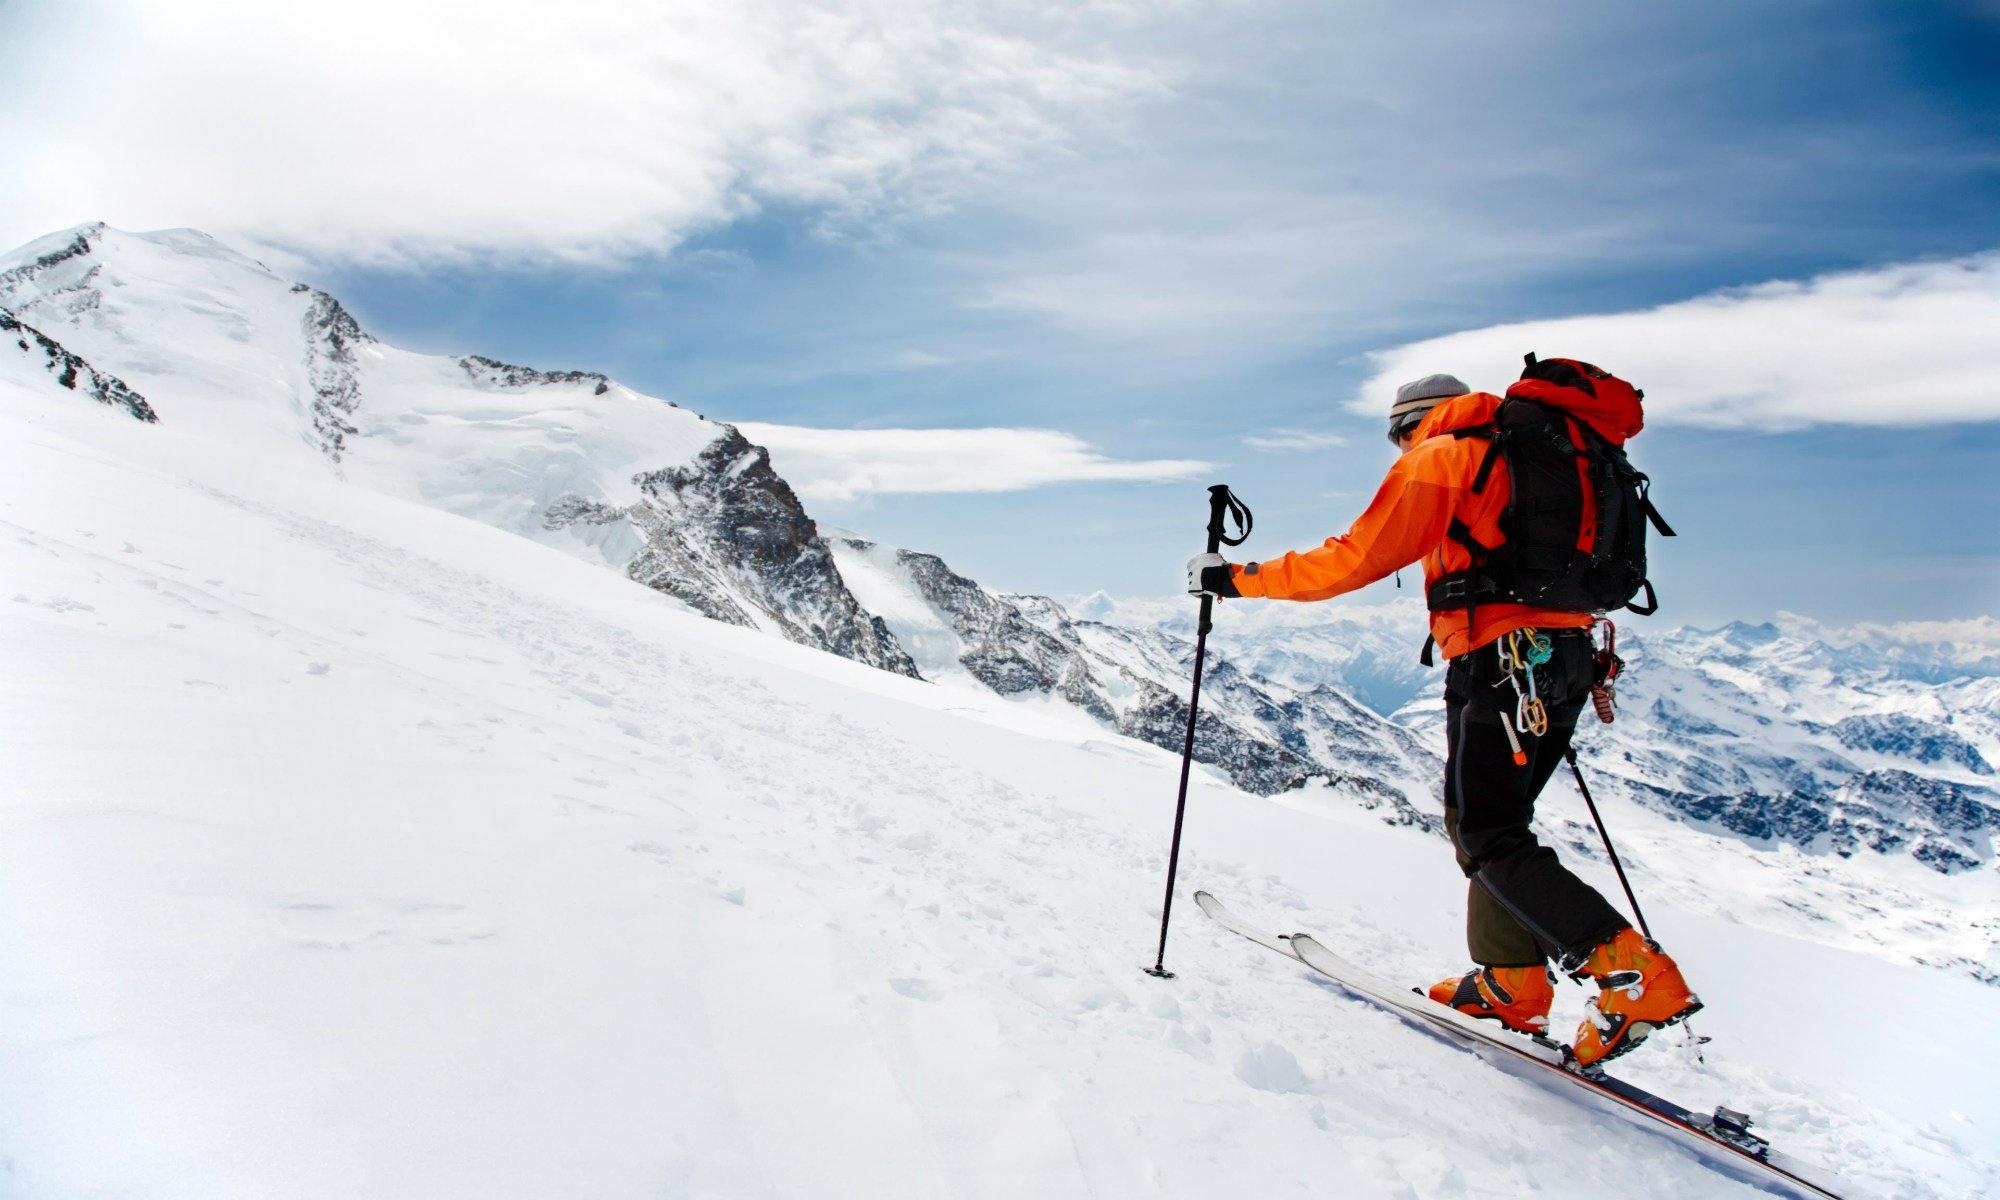 Een toerskiër beklimt een berg in het skigebied van Gerlos.